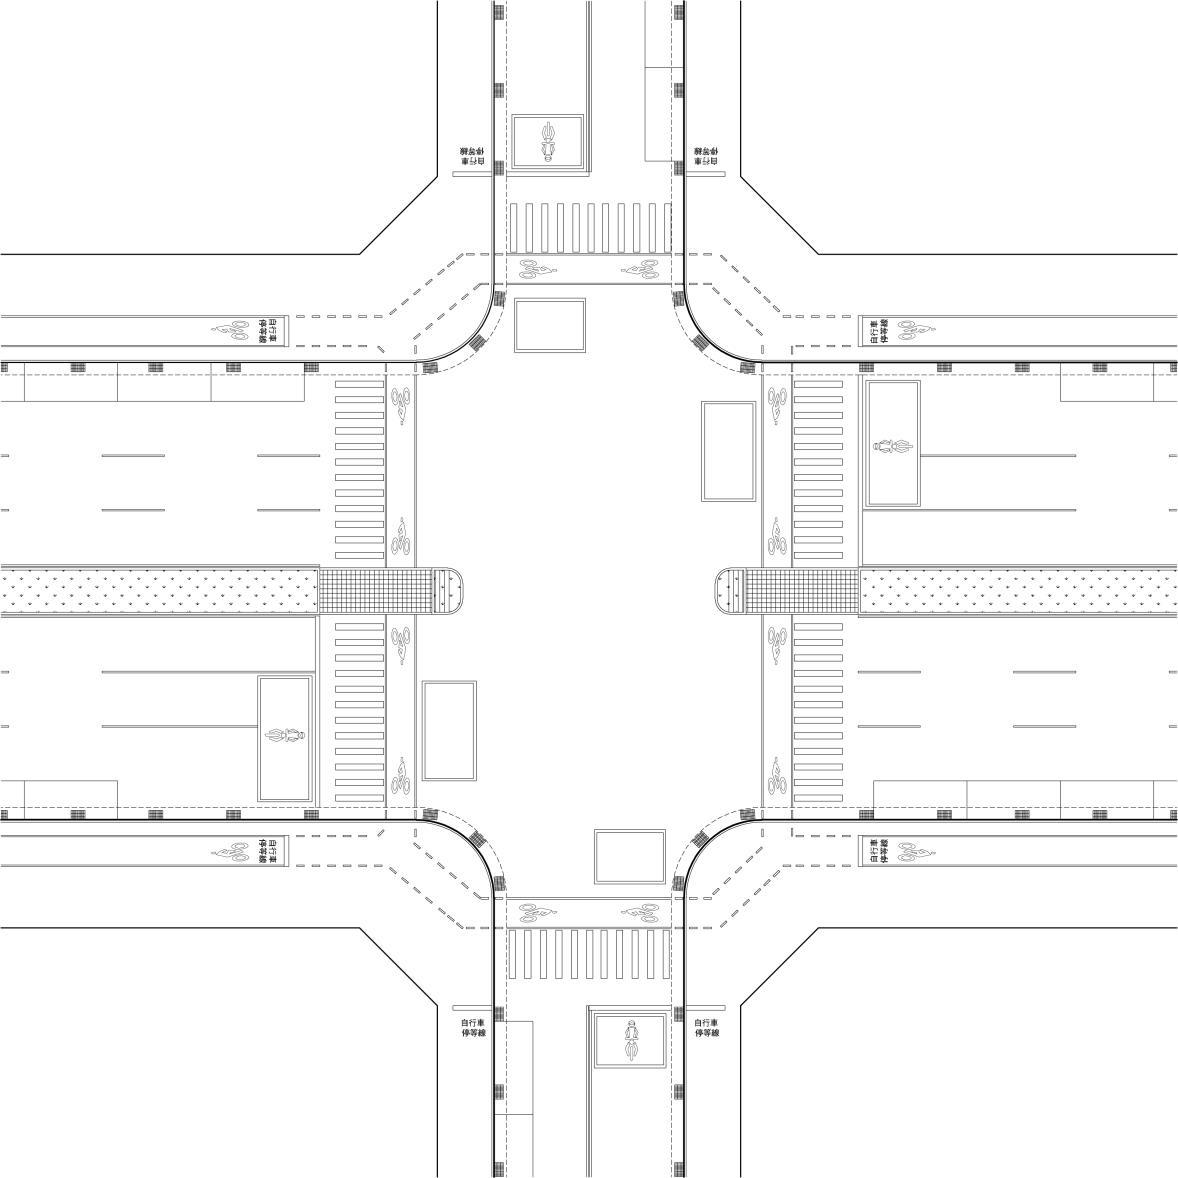 圖8-4-2 大型正交路口配置範例